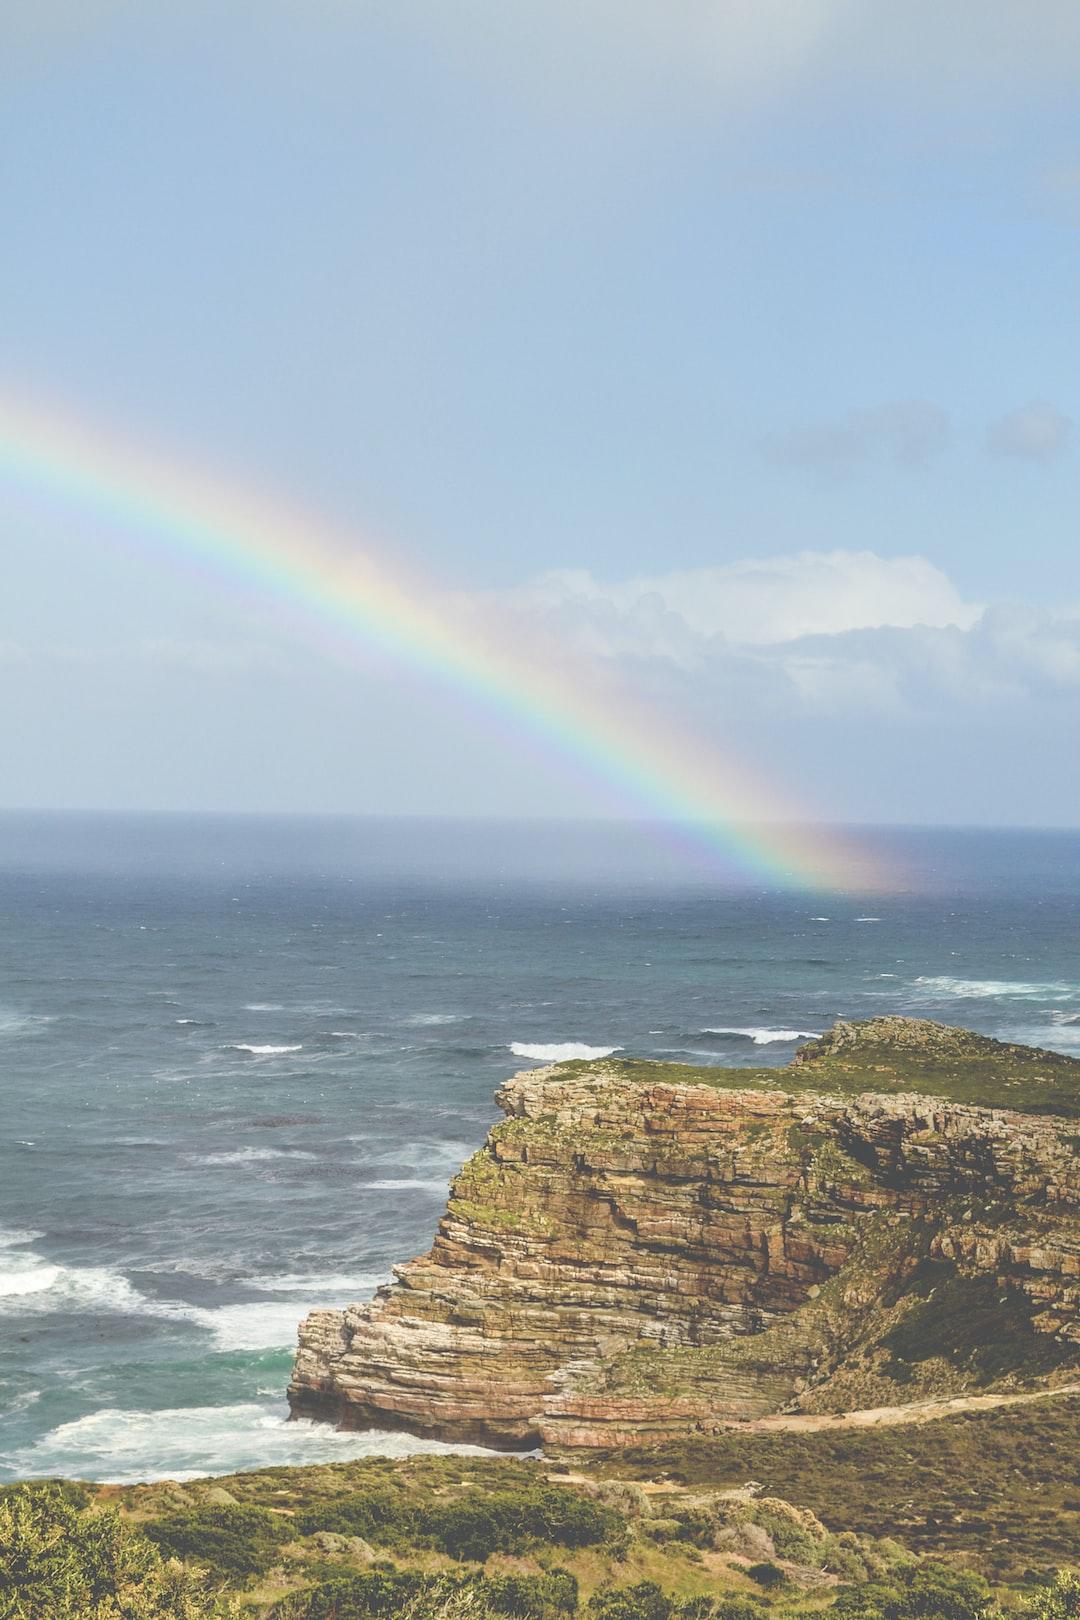 Estuve visitando Sudáfrica con mi familia. Esta foto es en el Cabo de la Buena Esperanza, me detuve a sacar fotos de las montañas y acantilados y de repente apareció el arco iris. Fue un espectáculo para toda la gente que estaba allí presente.